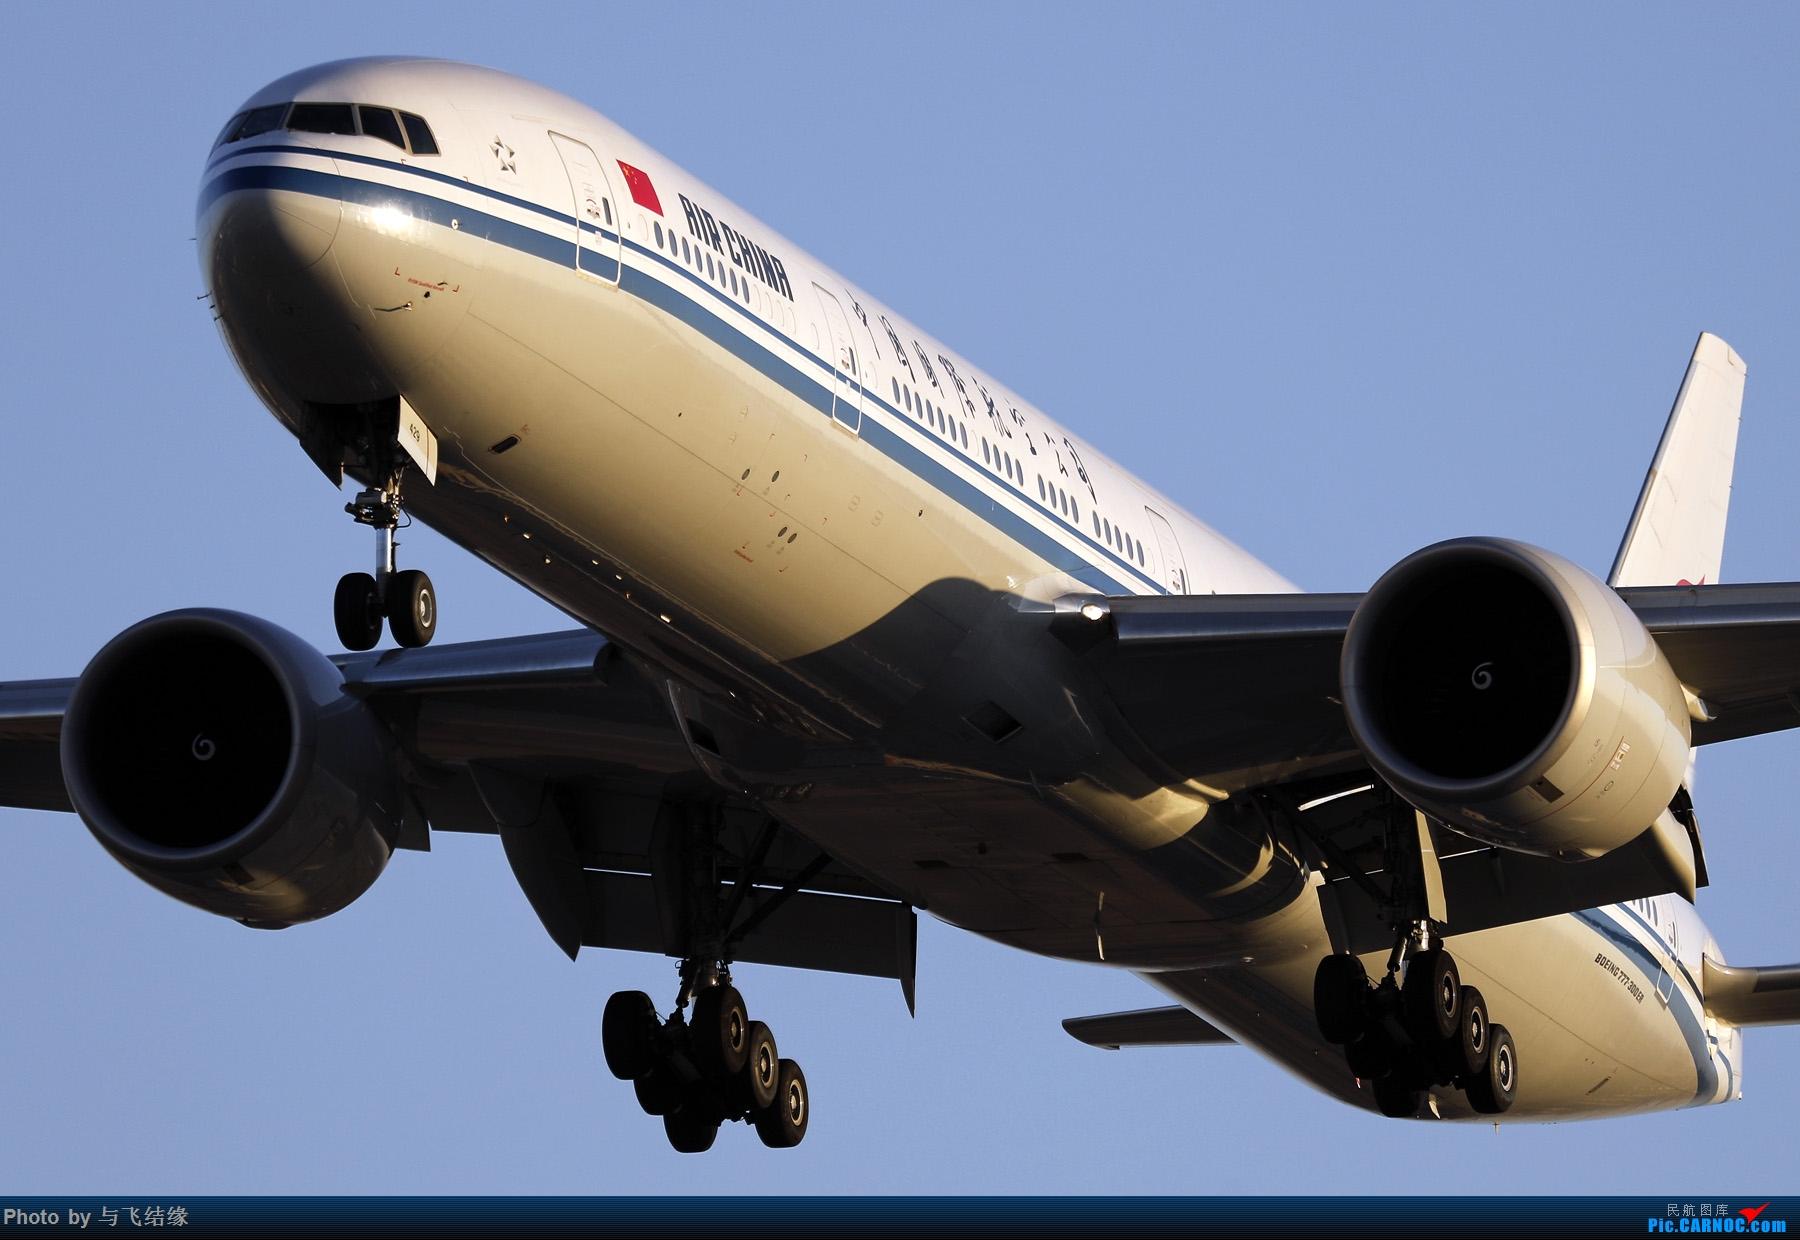 """Re:[原创]农历三十再发一贴,祝朋友们新年""""猪""""事顺利,吉祥如意! BOEING 777-300ER B-1429 中国北京首都国际机场"""